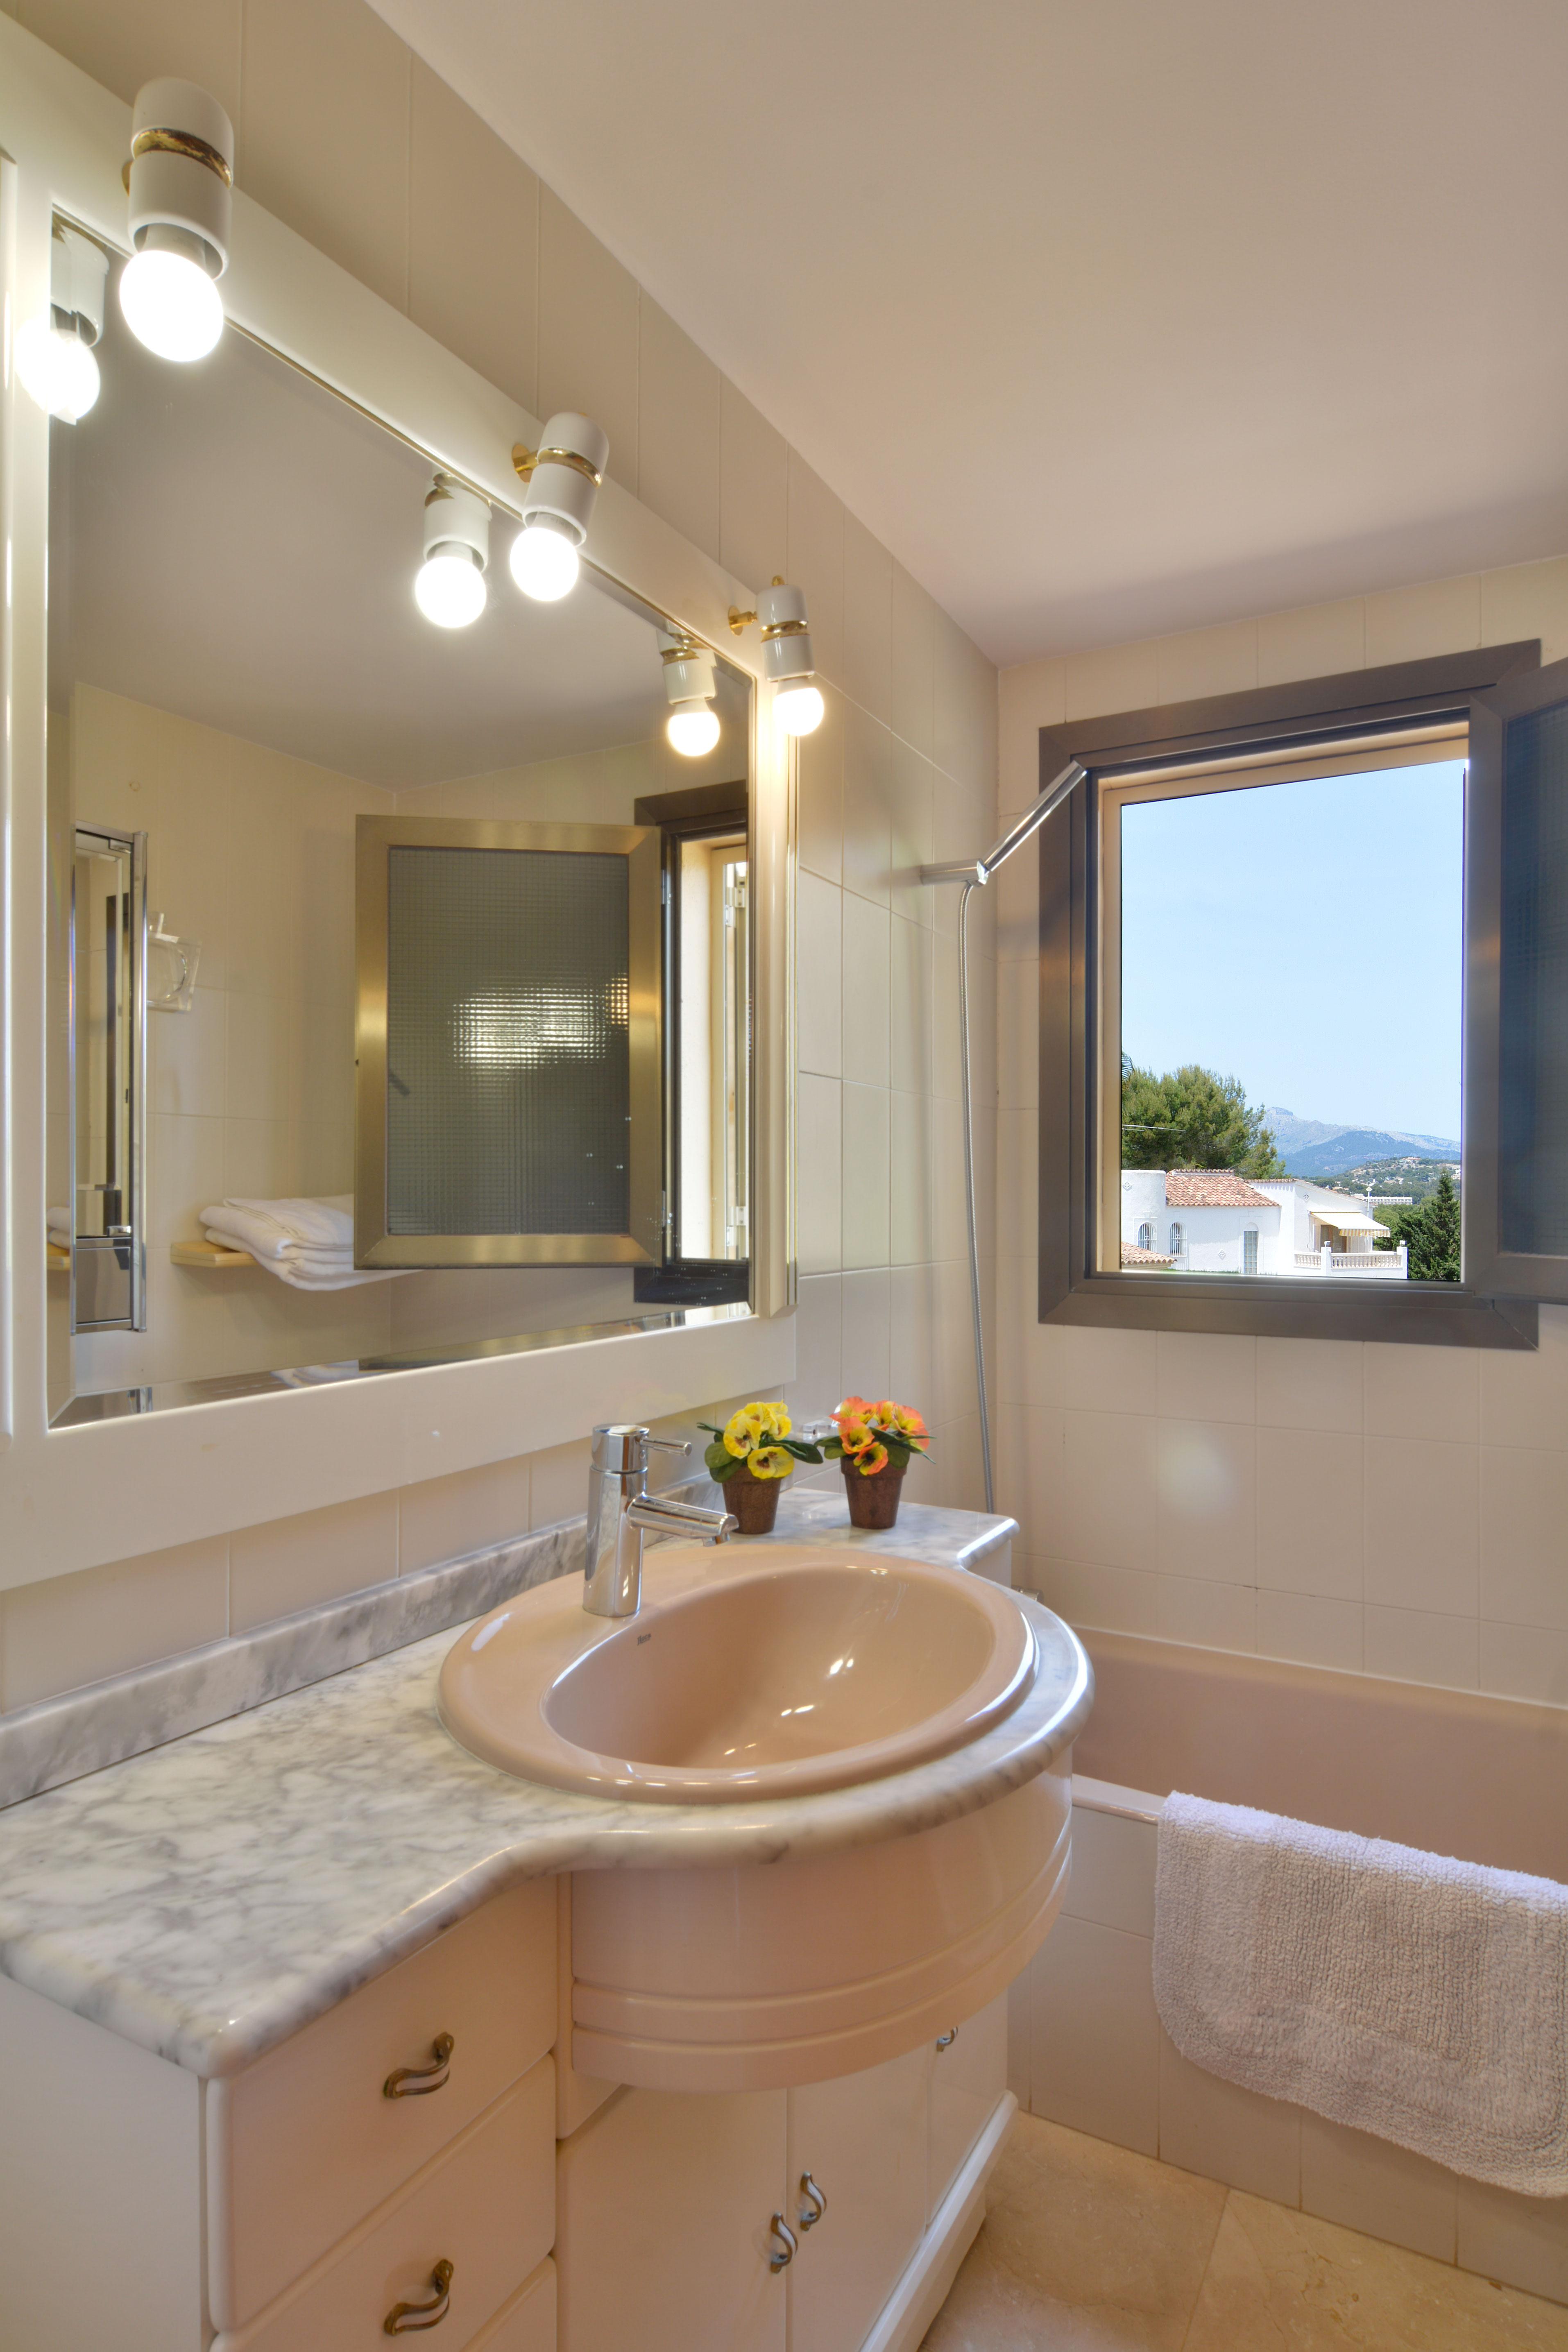 Apartment Casa Padrino  piscina privada  wifi  cerca de la playa photo 20348860